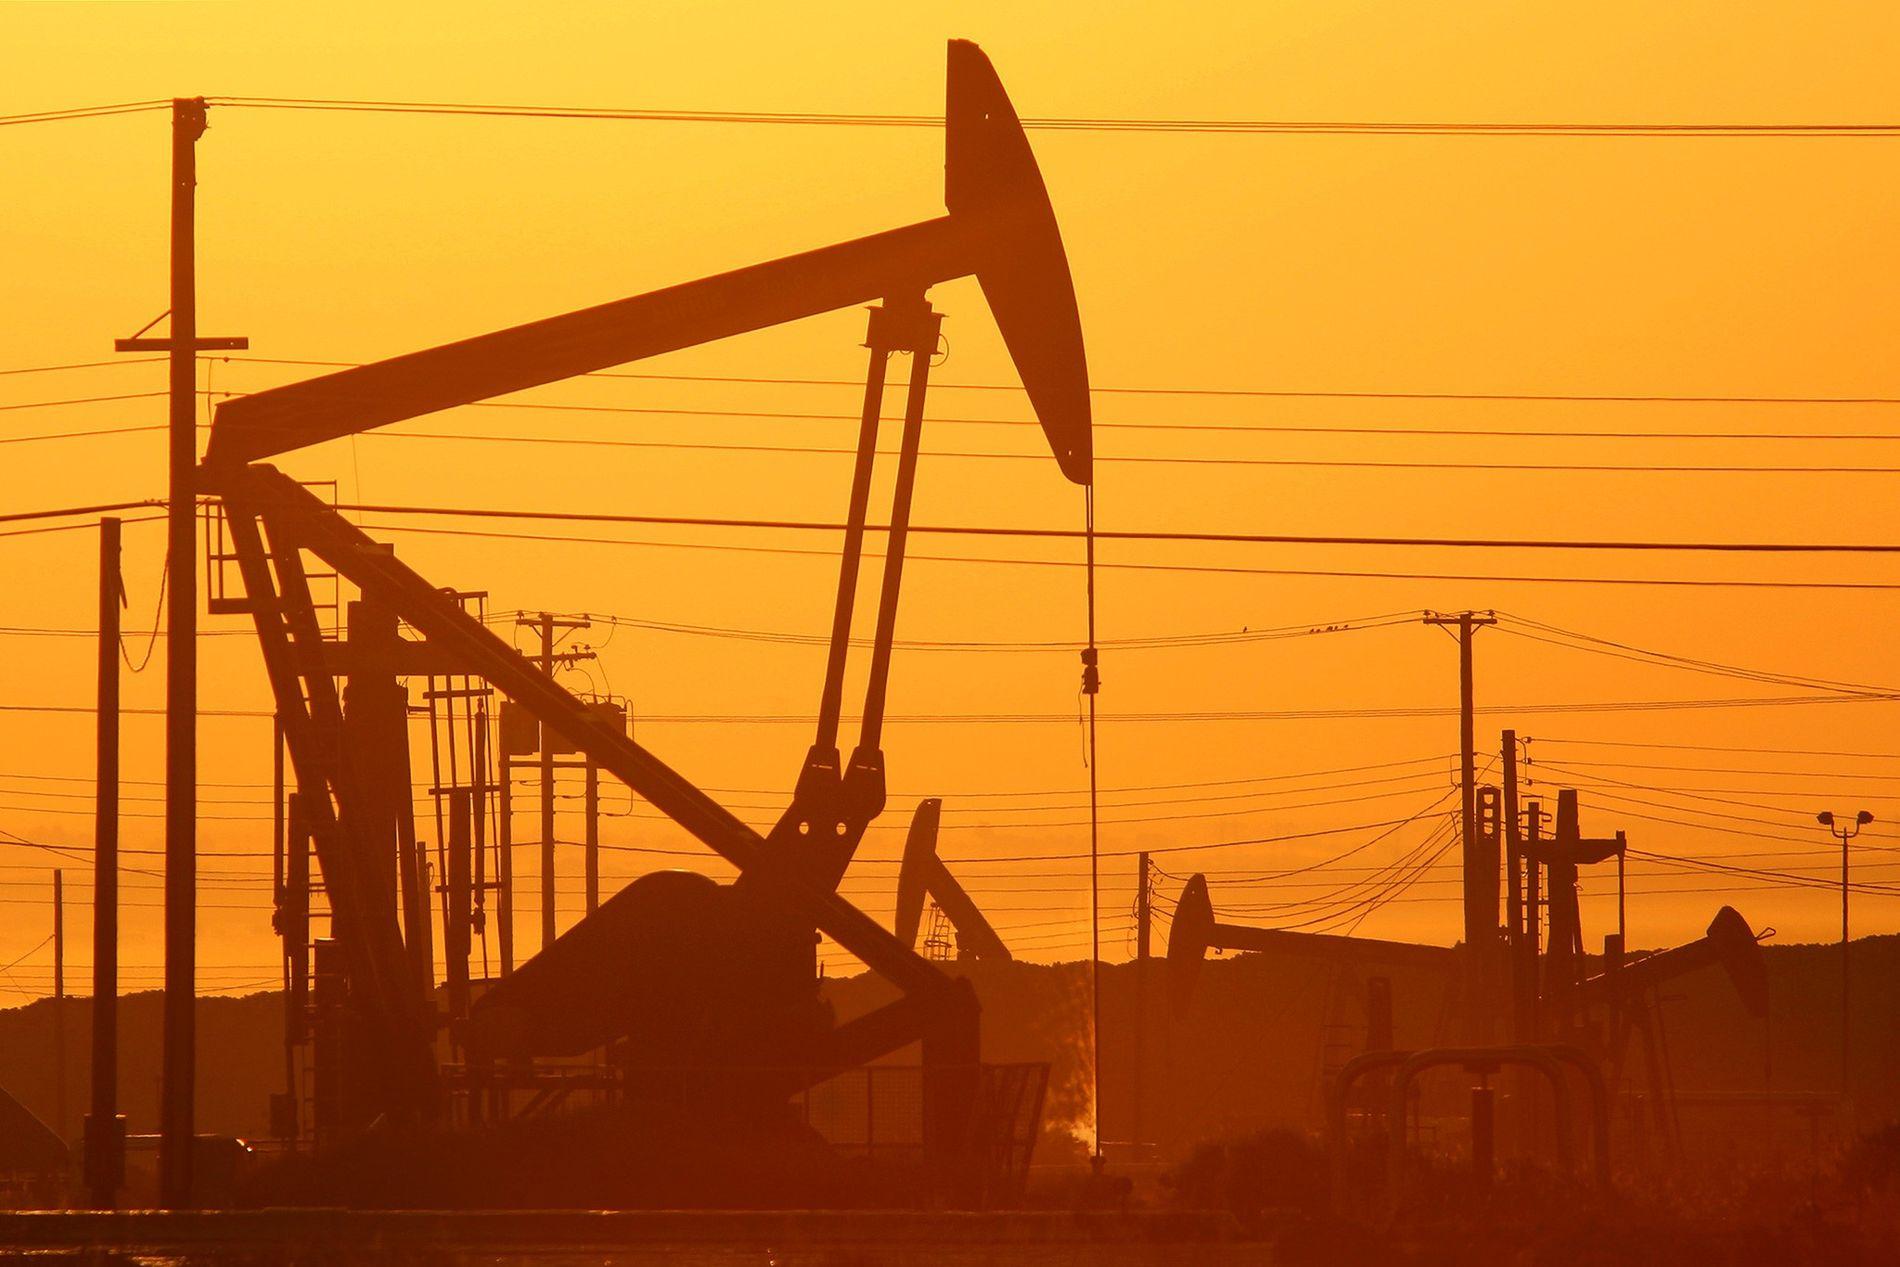 Cette photographie prise au crépuscule montre les chevalets de pompage des gisements de pétrole de la formation de schistes de Monterey en Californie, où l'extraction du gaz et du pétrole a recours au processus de fracturation hydraulique.